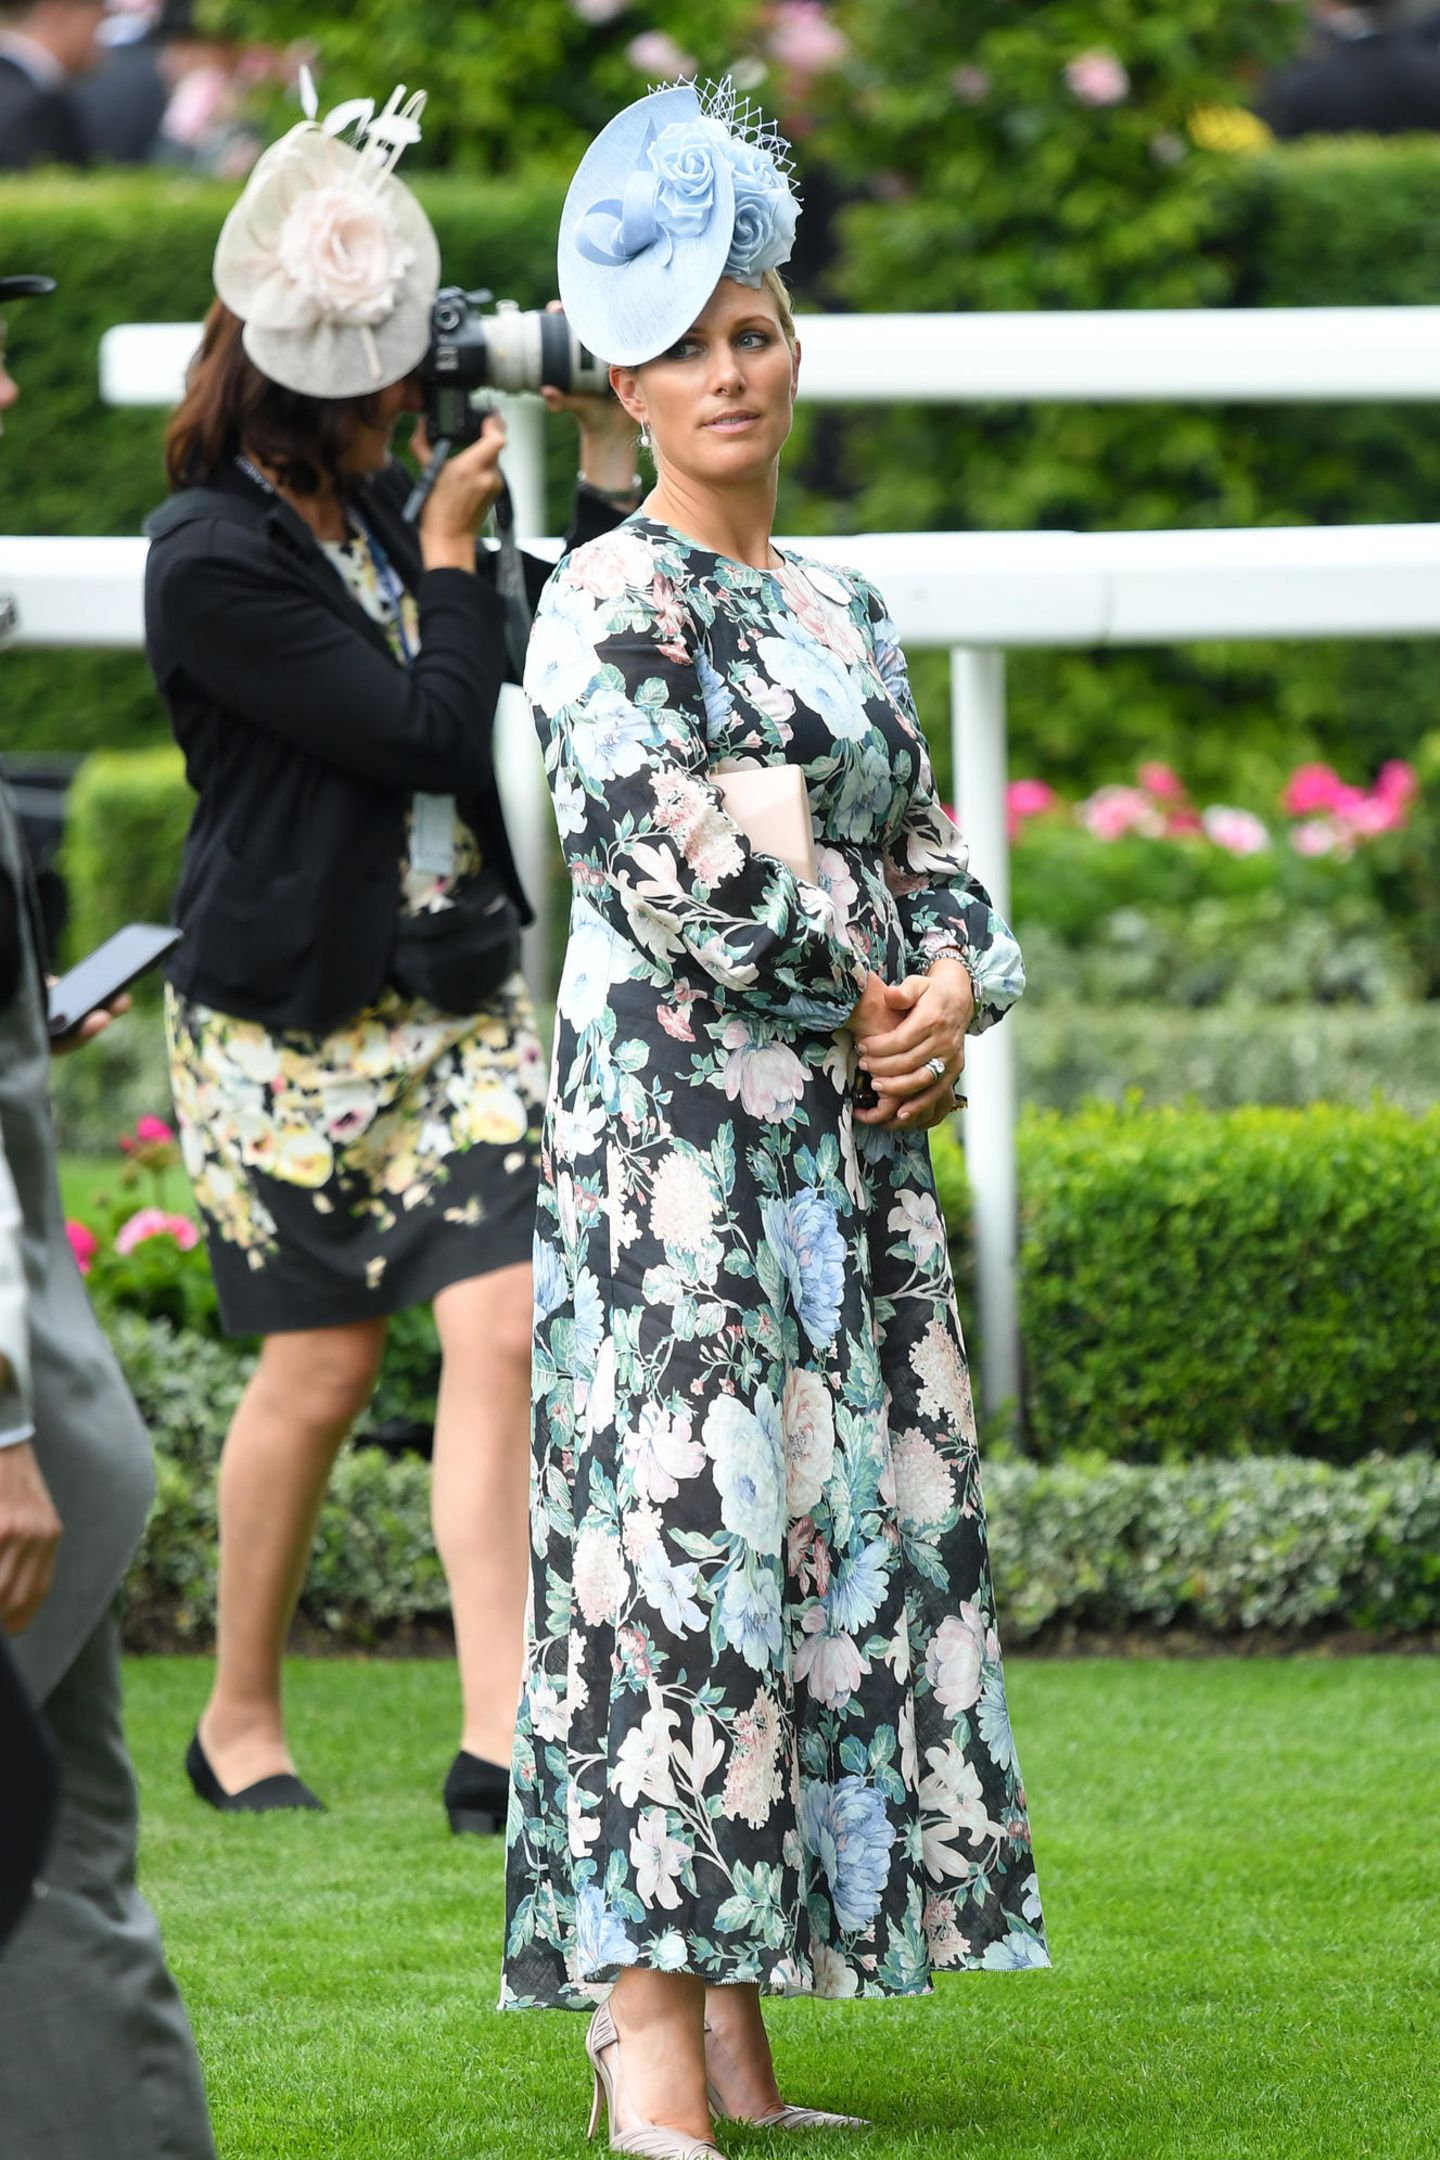 Zara Tindall setzt auf ein geblümtes Kleid des australischen Labels Zimmermann (Preis 750 Euro). Dazu kombiniert sie spitze Pumps und einen hellblauen Faszinator.